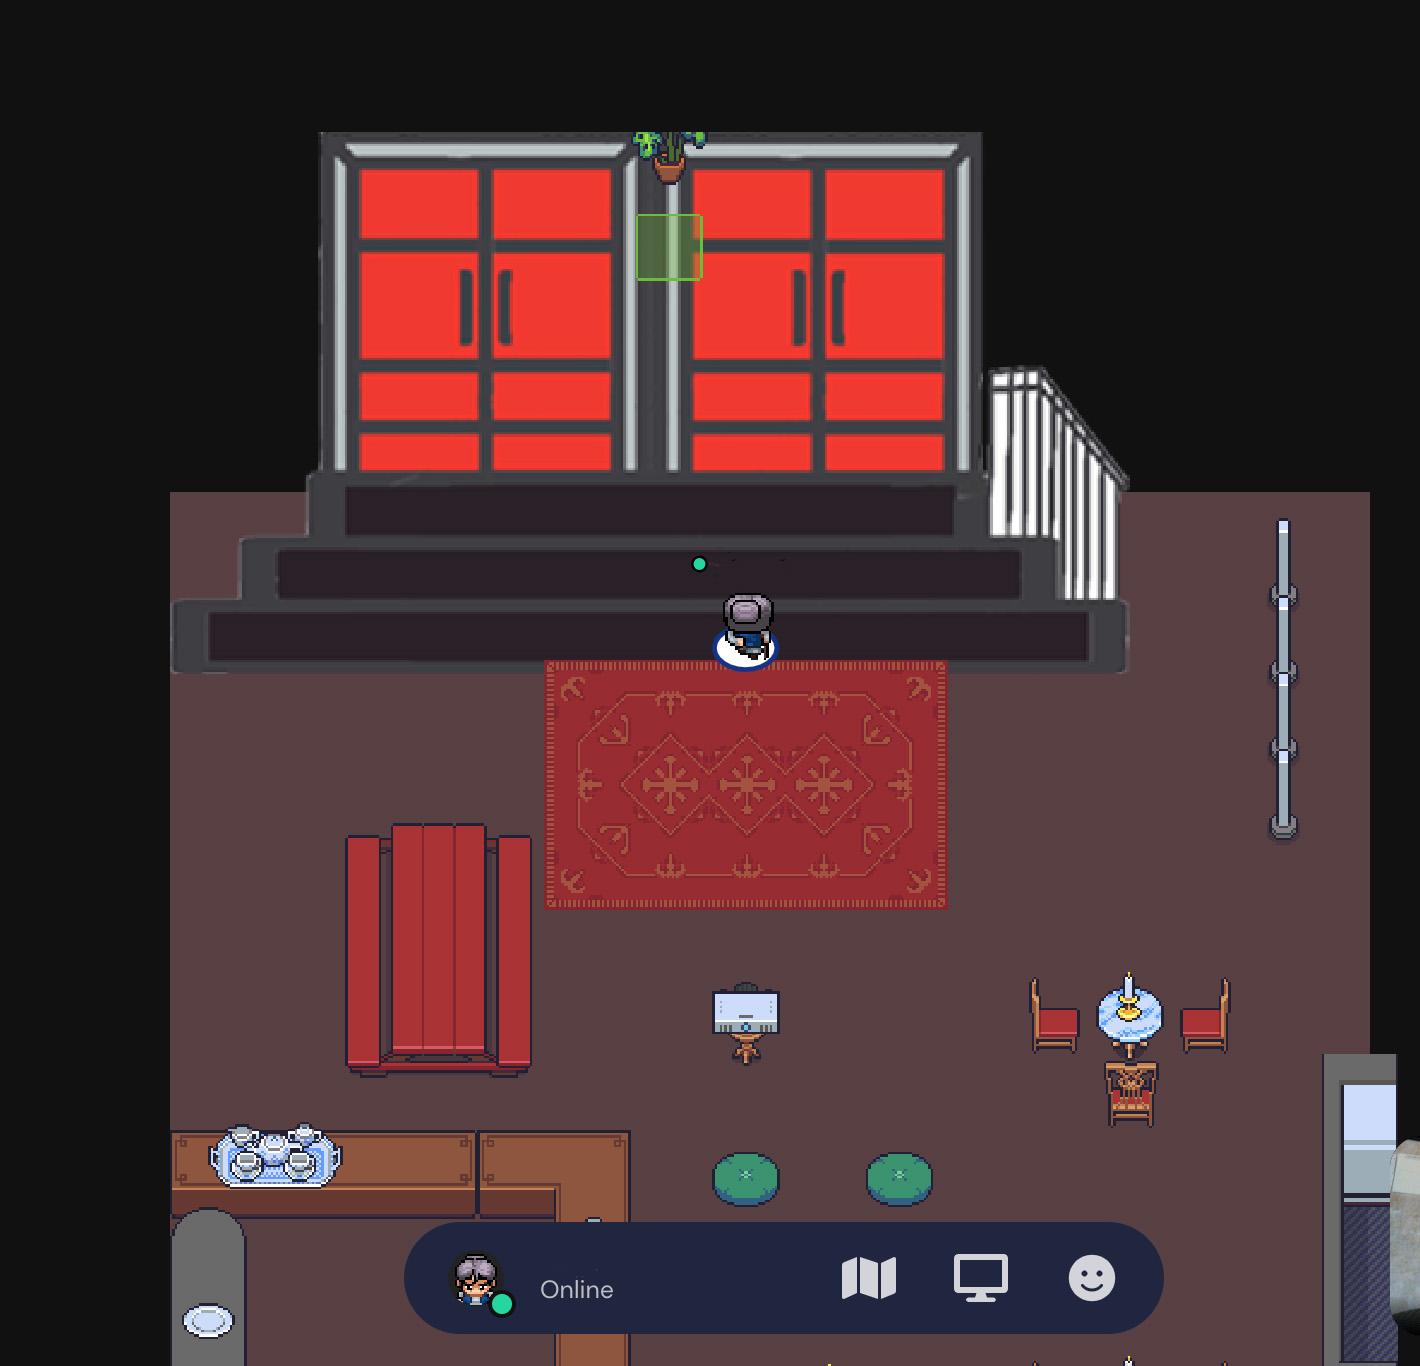 Das Foyer der Schaubude in 2D-Optik der PLattform Gather.Town: Rote Türen zum Saal, Sitzgelegenheiten, die Bar.